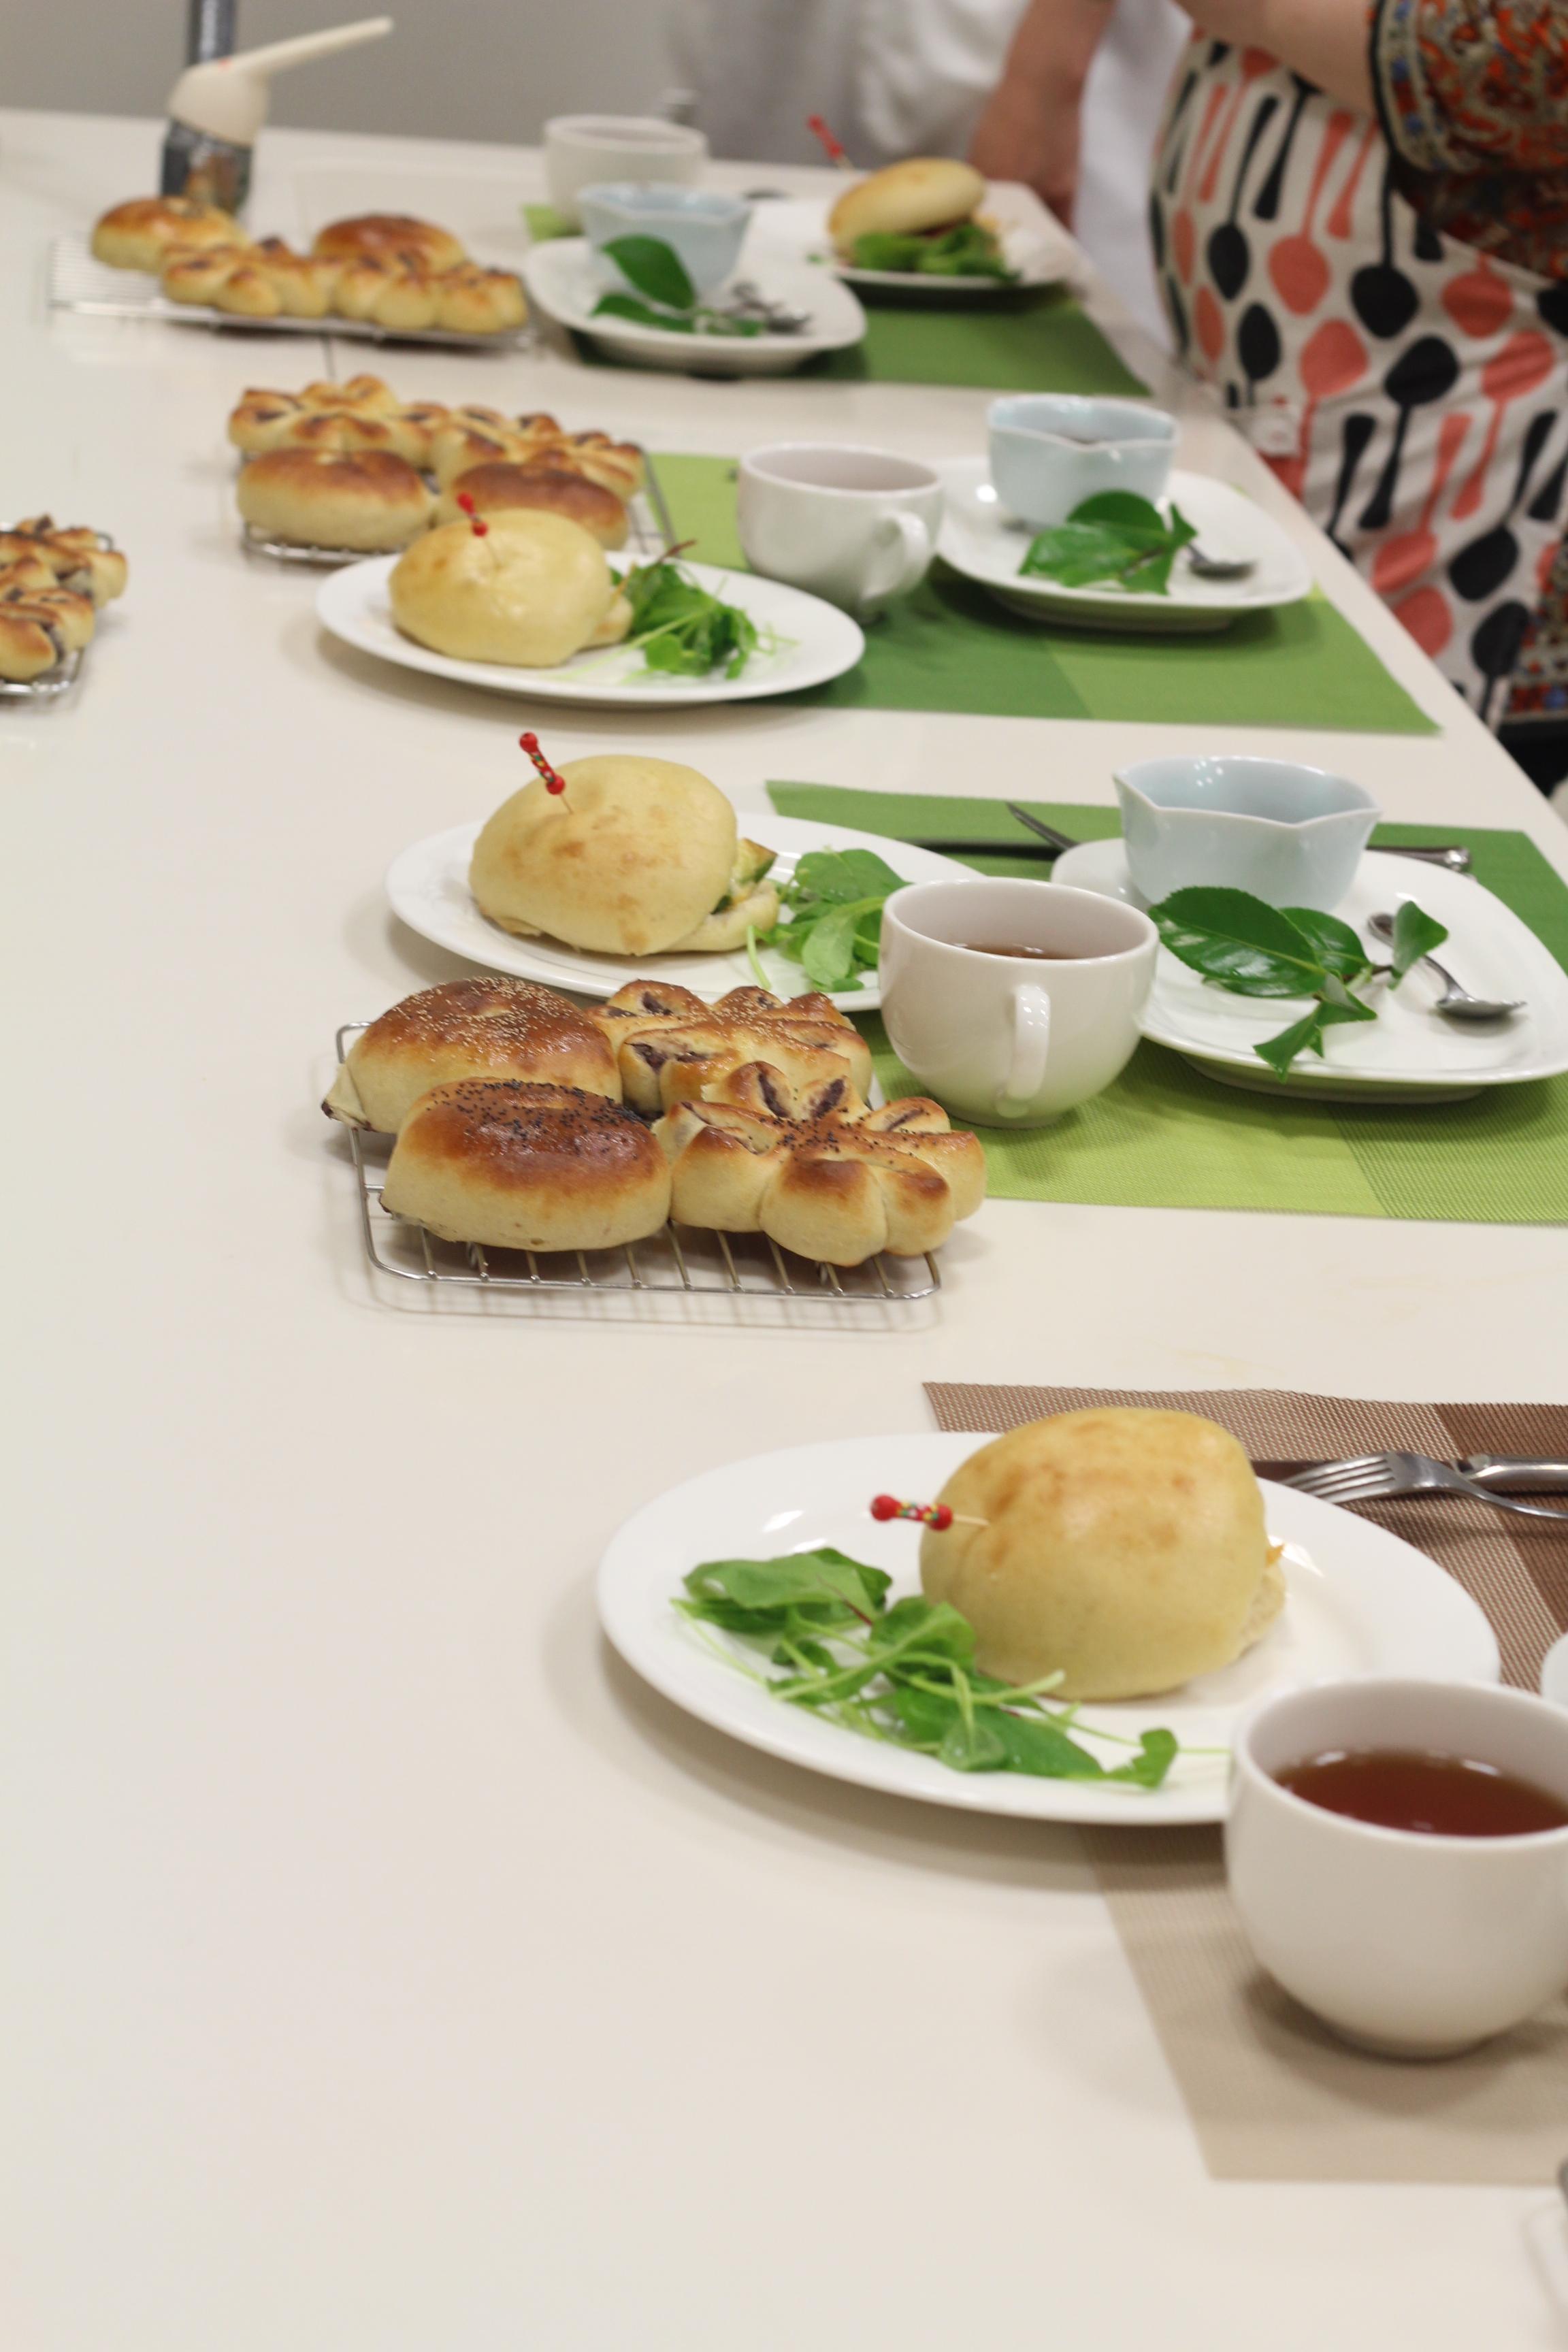 京都江部粉糖質制限パン『餡子から作るあんパン』第二回目。a-ta-sante糖質制限パン料理教室。阿倍野区西田辺。